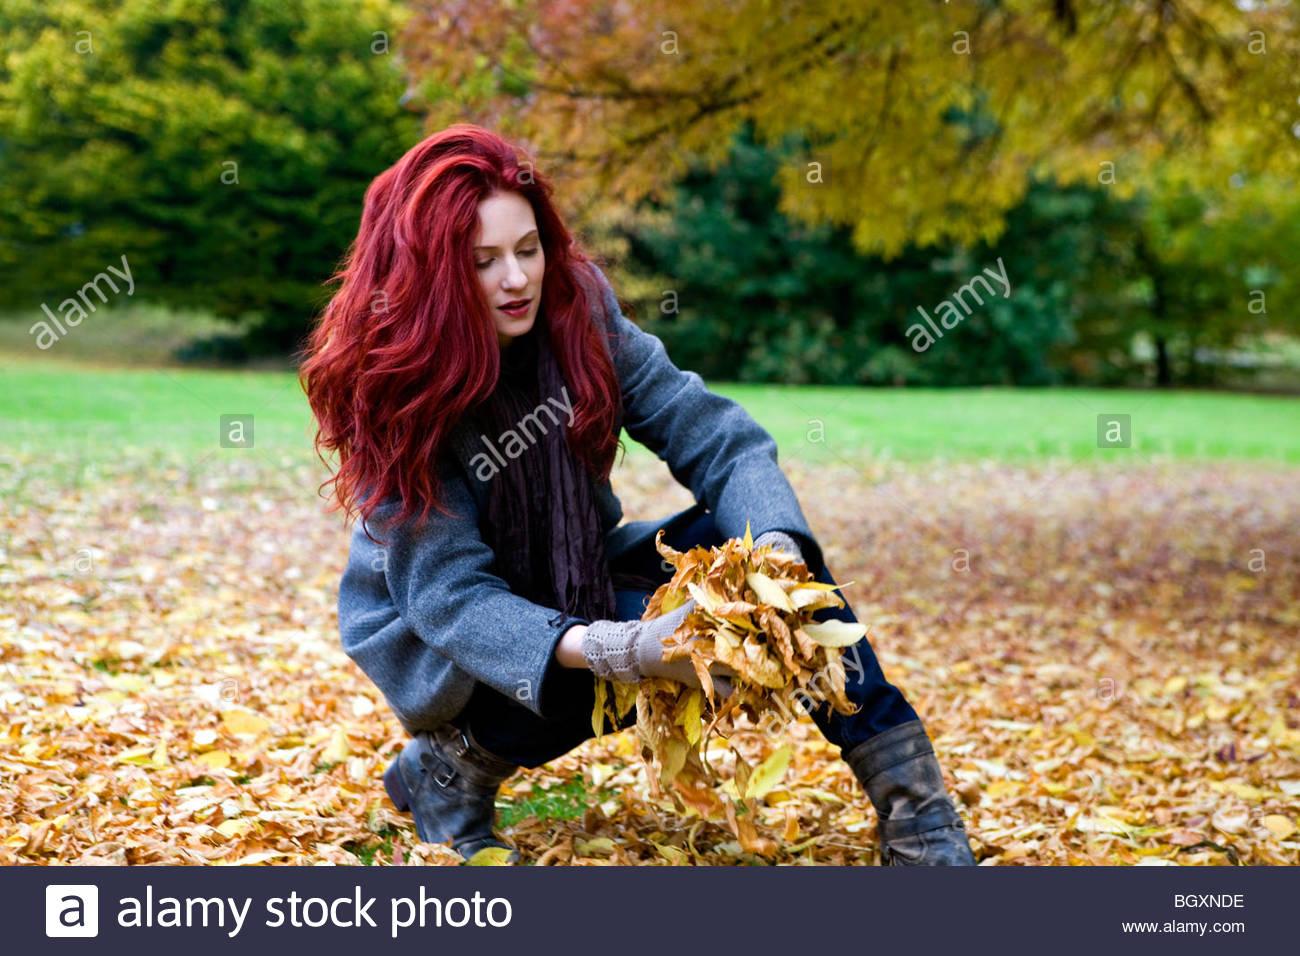 Una joven mujer recogiendo hojas de otoño Imagen De Stock